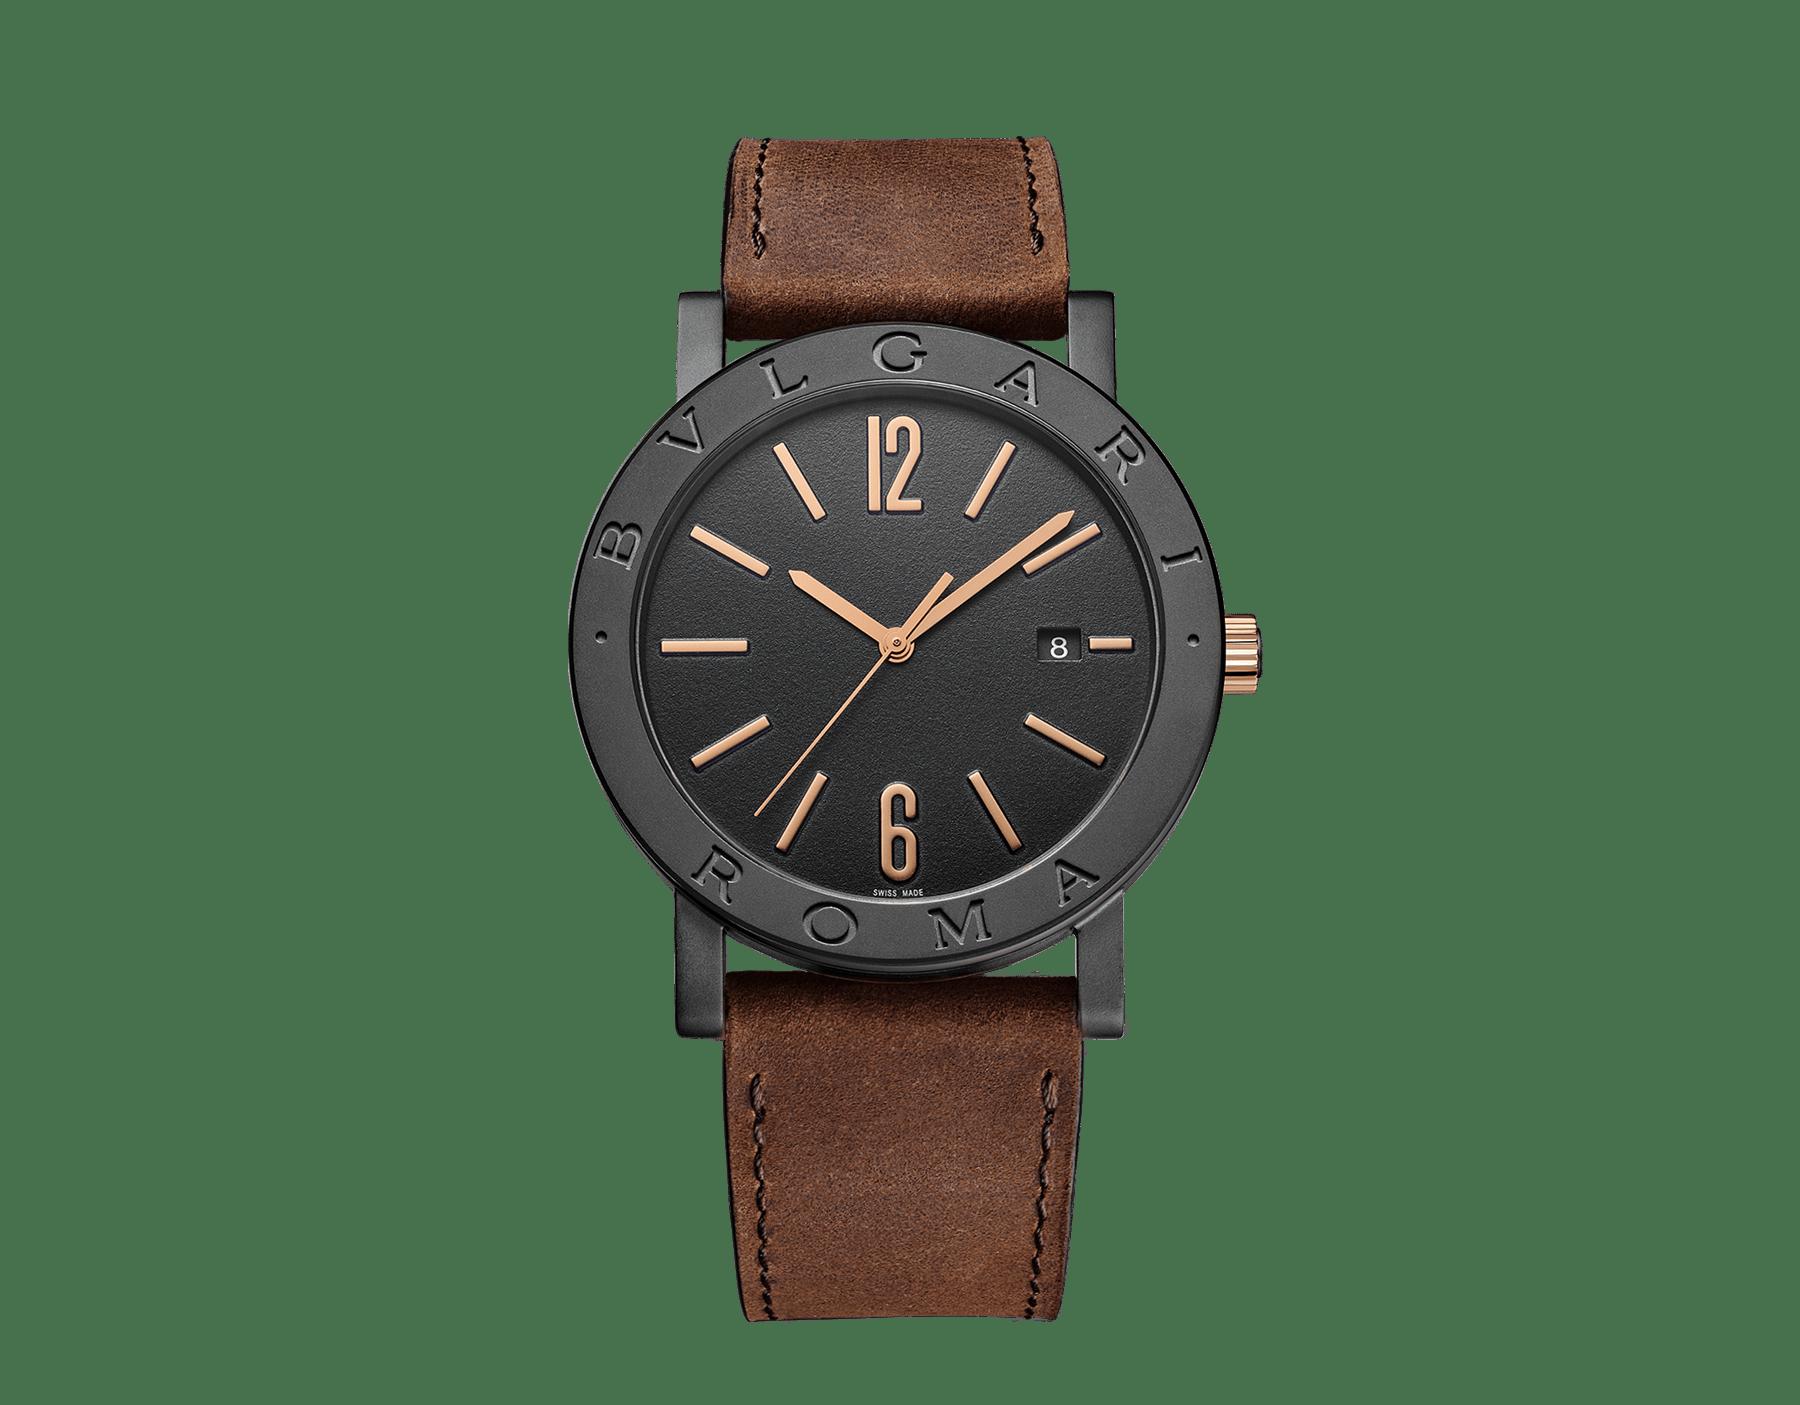 """ساعة """"بولغري بولغري سيتيز سبيشل إيديشن، ROMA"""" بآلية حركة ميكانيكية مصنّعة من قبل بولغري، تعبئة أوتوماتيكية، آلية BVL 191.، علبة الساعة من الفولاذ المعالج بالكربون الأسود الشبيه بالألماس مع نقش """"BVLGARI ROMA"""" على إطار الساعة، غطاء خلفي شفاف، ميناء مطلي بالمينا الأسود الخشن ومؤشرات الساعة من الذهب الوردي، سوار من جلد العجل البني، وسوار قابل للتبديل من المطاط الأسود. 103219 image 1"""